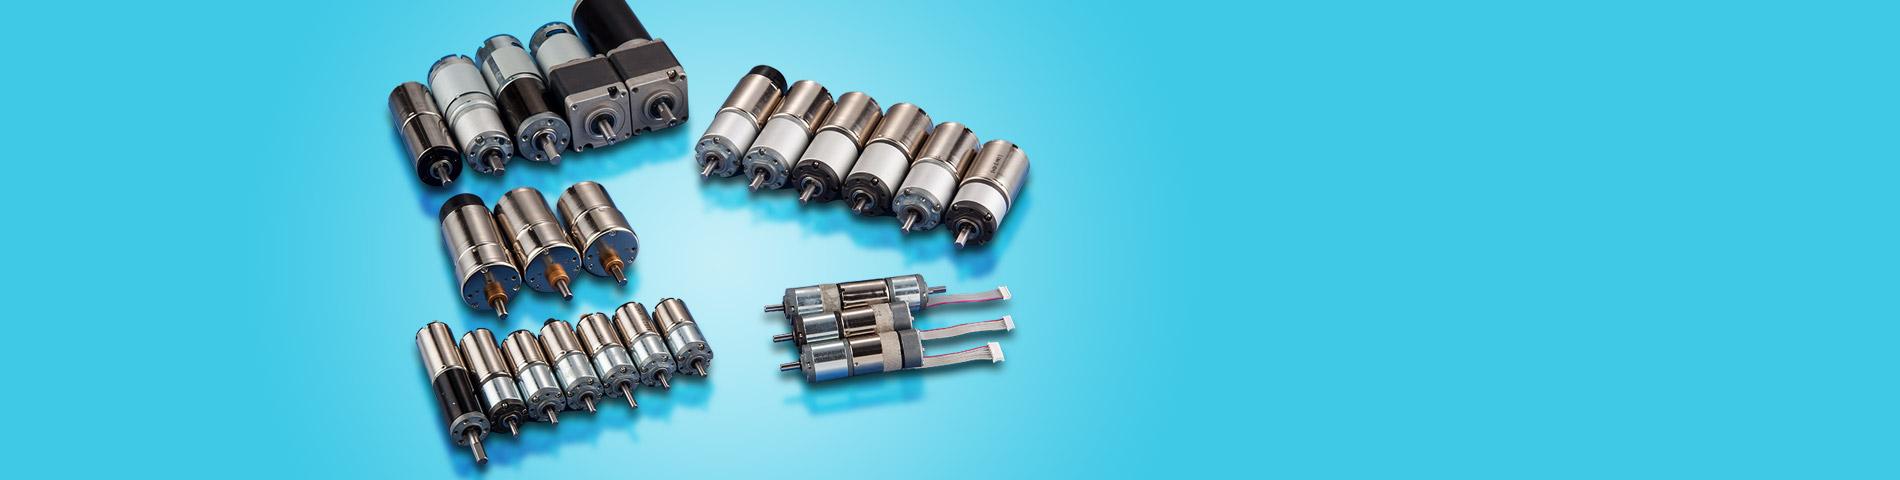 Sviluppo e produzione miniatura e Piccoli motoriduttori CC